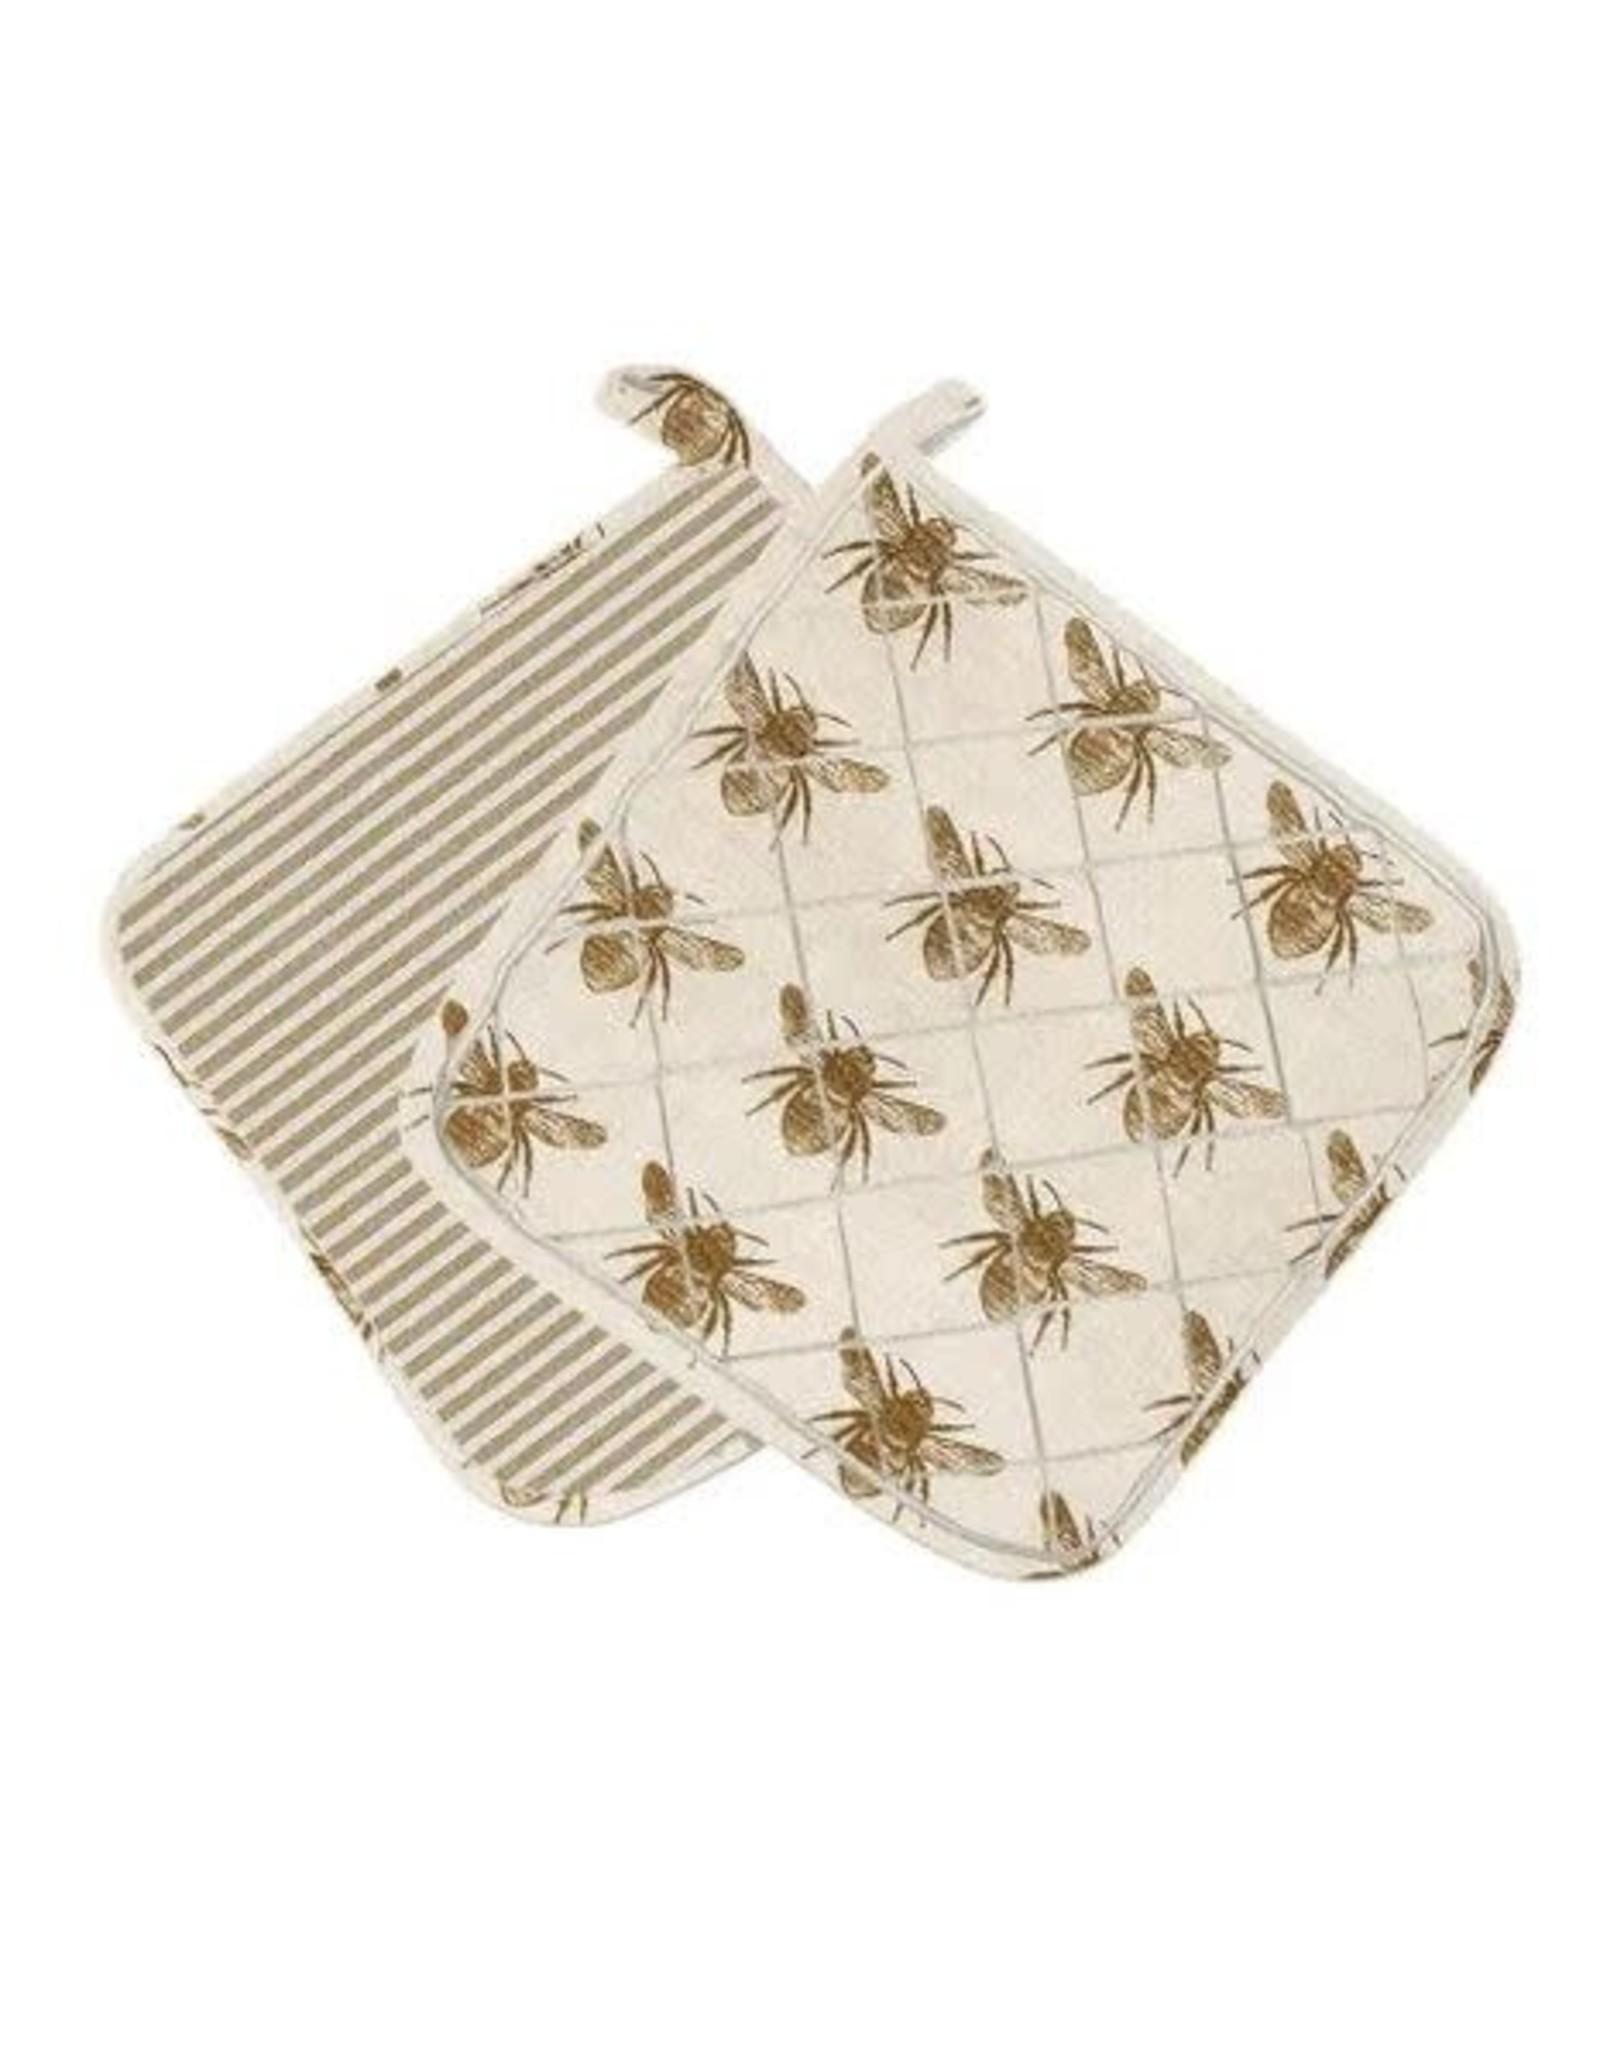 Raine & Humble Honey Bee Trivet 20cm x 20cm